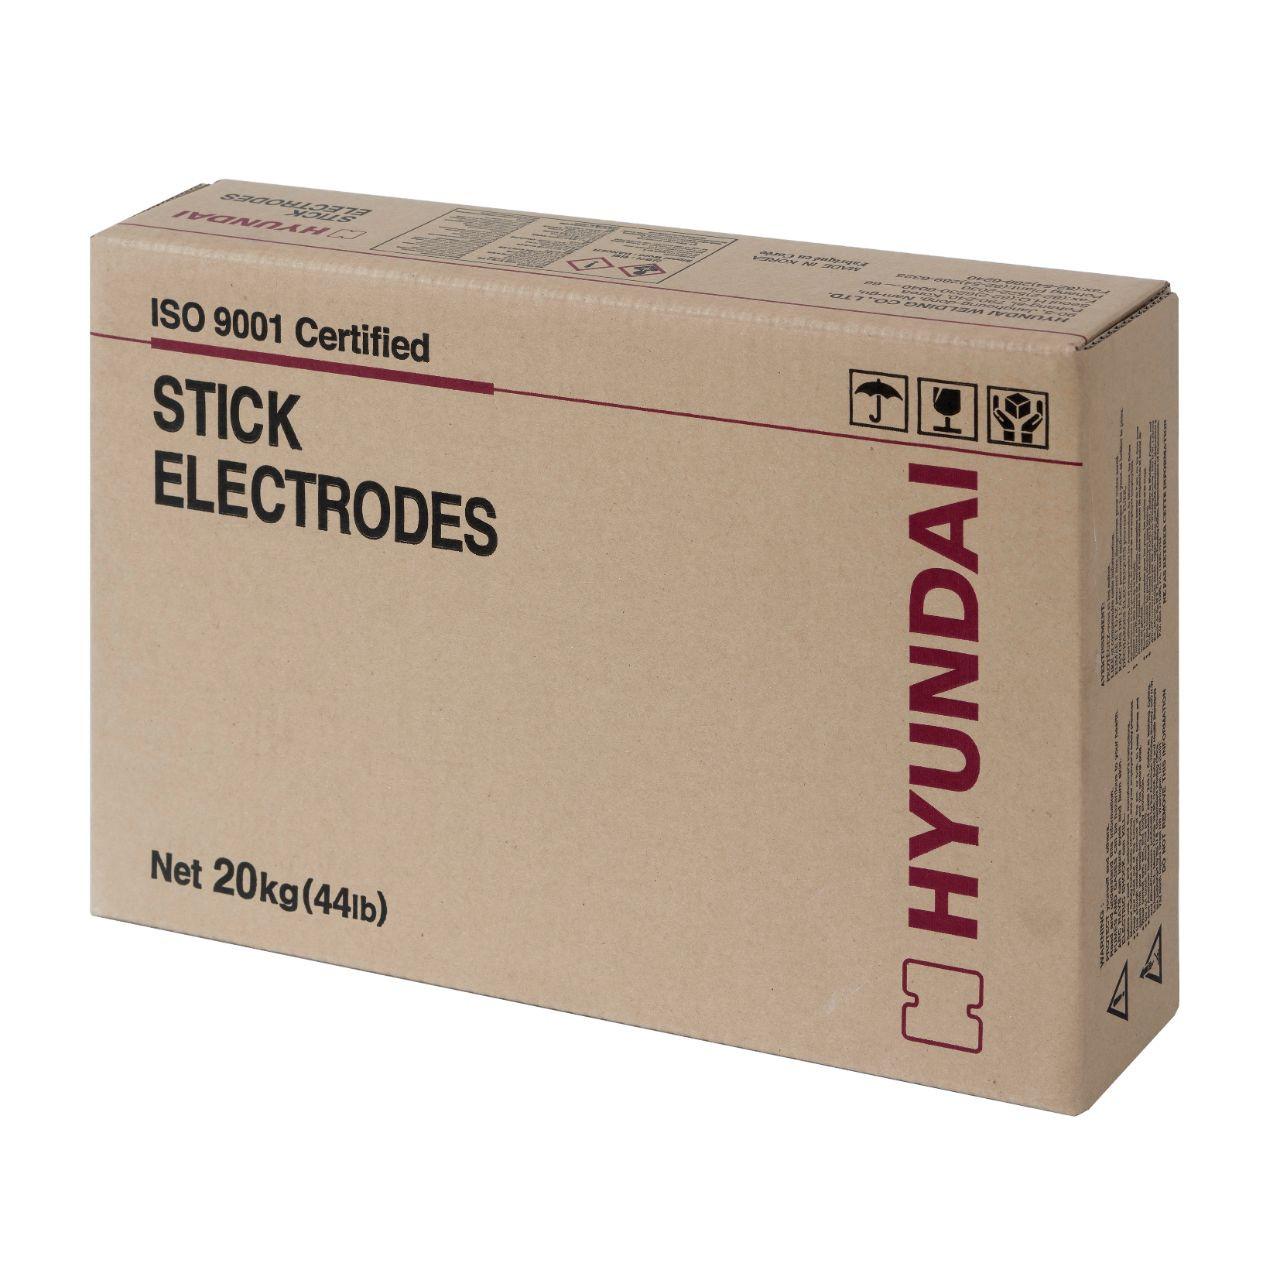 Hyundai S-700B.B 4.0mm Hard Facing Electrodes 5kg